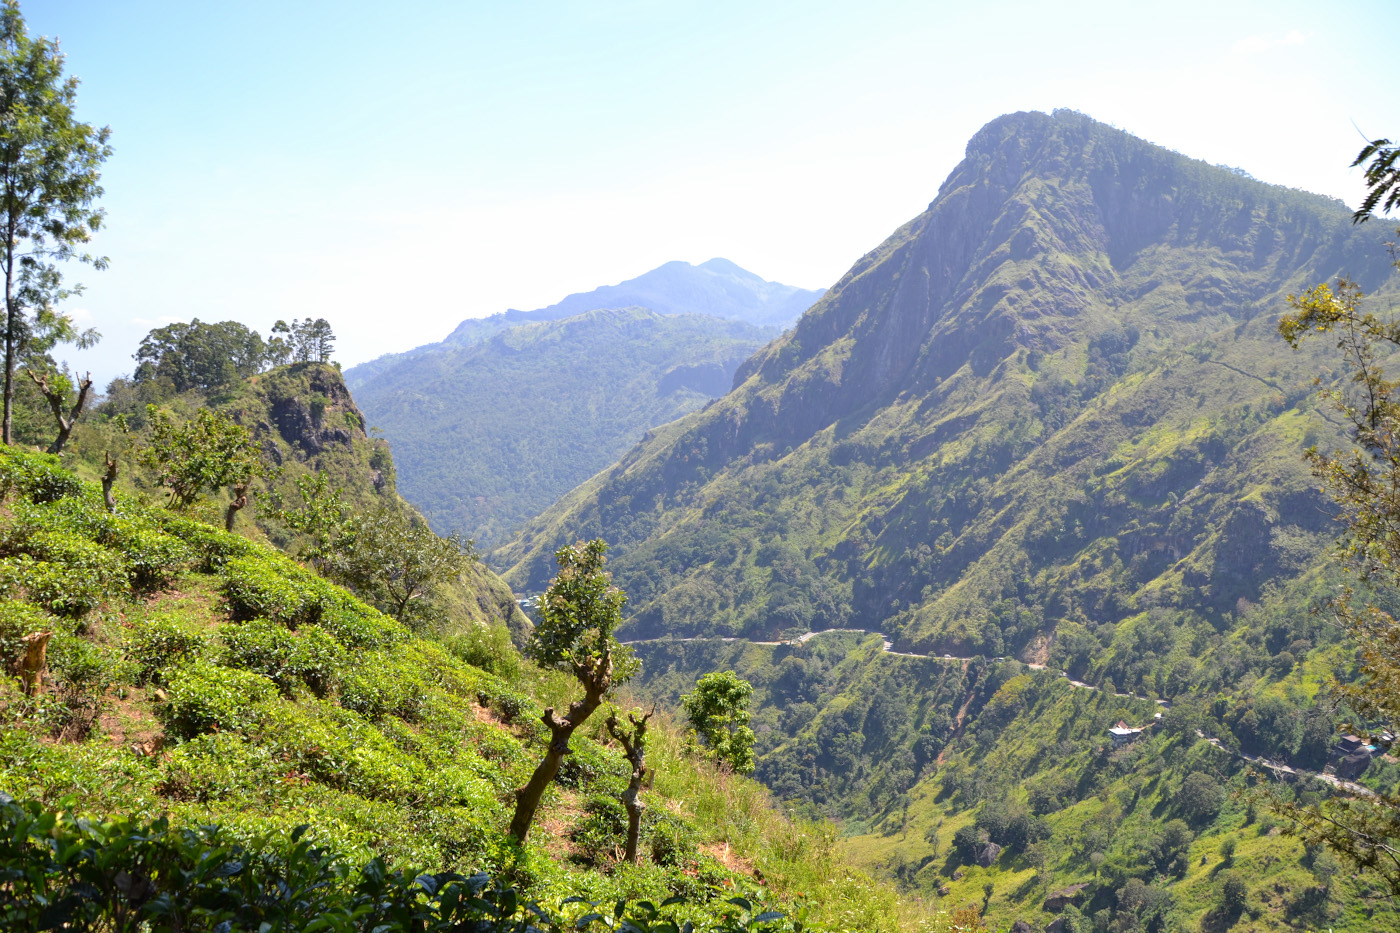 Фото 22. Захватывающие виды на Малом Пике Адама (Little Adam's Peak). Отчет о поездке на машине с водителем по Шри-Ланке с пляжа Унаватуна. 1/250, 8.0, 100, 55.